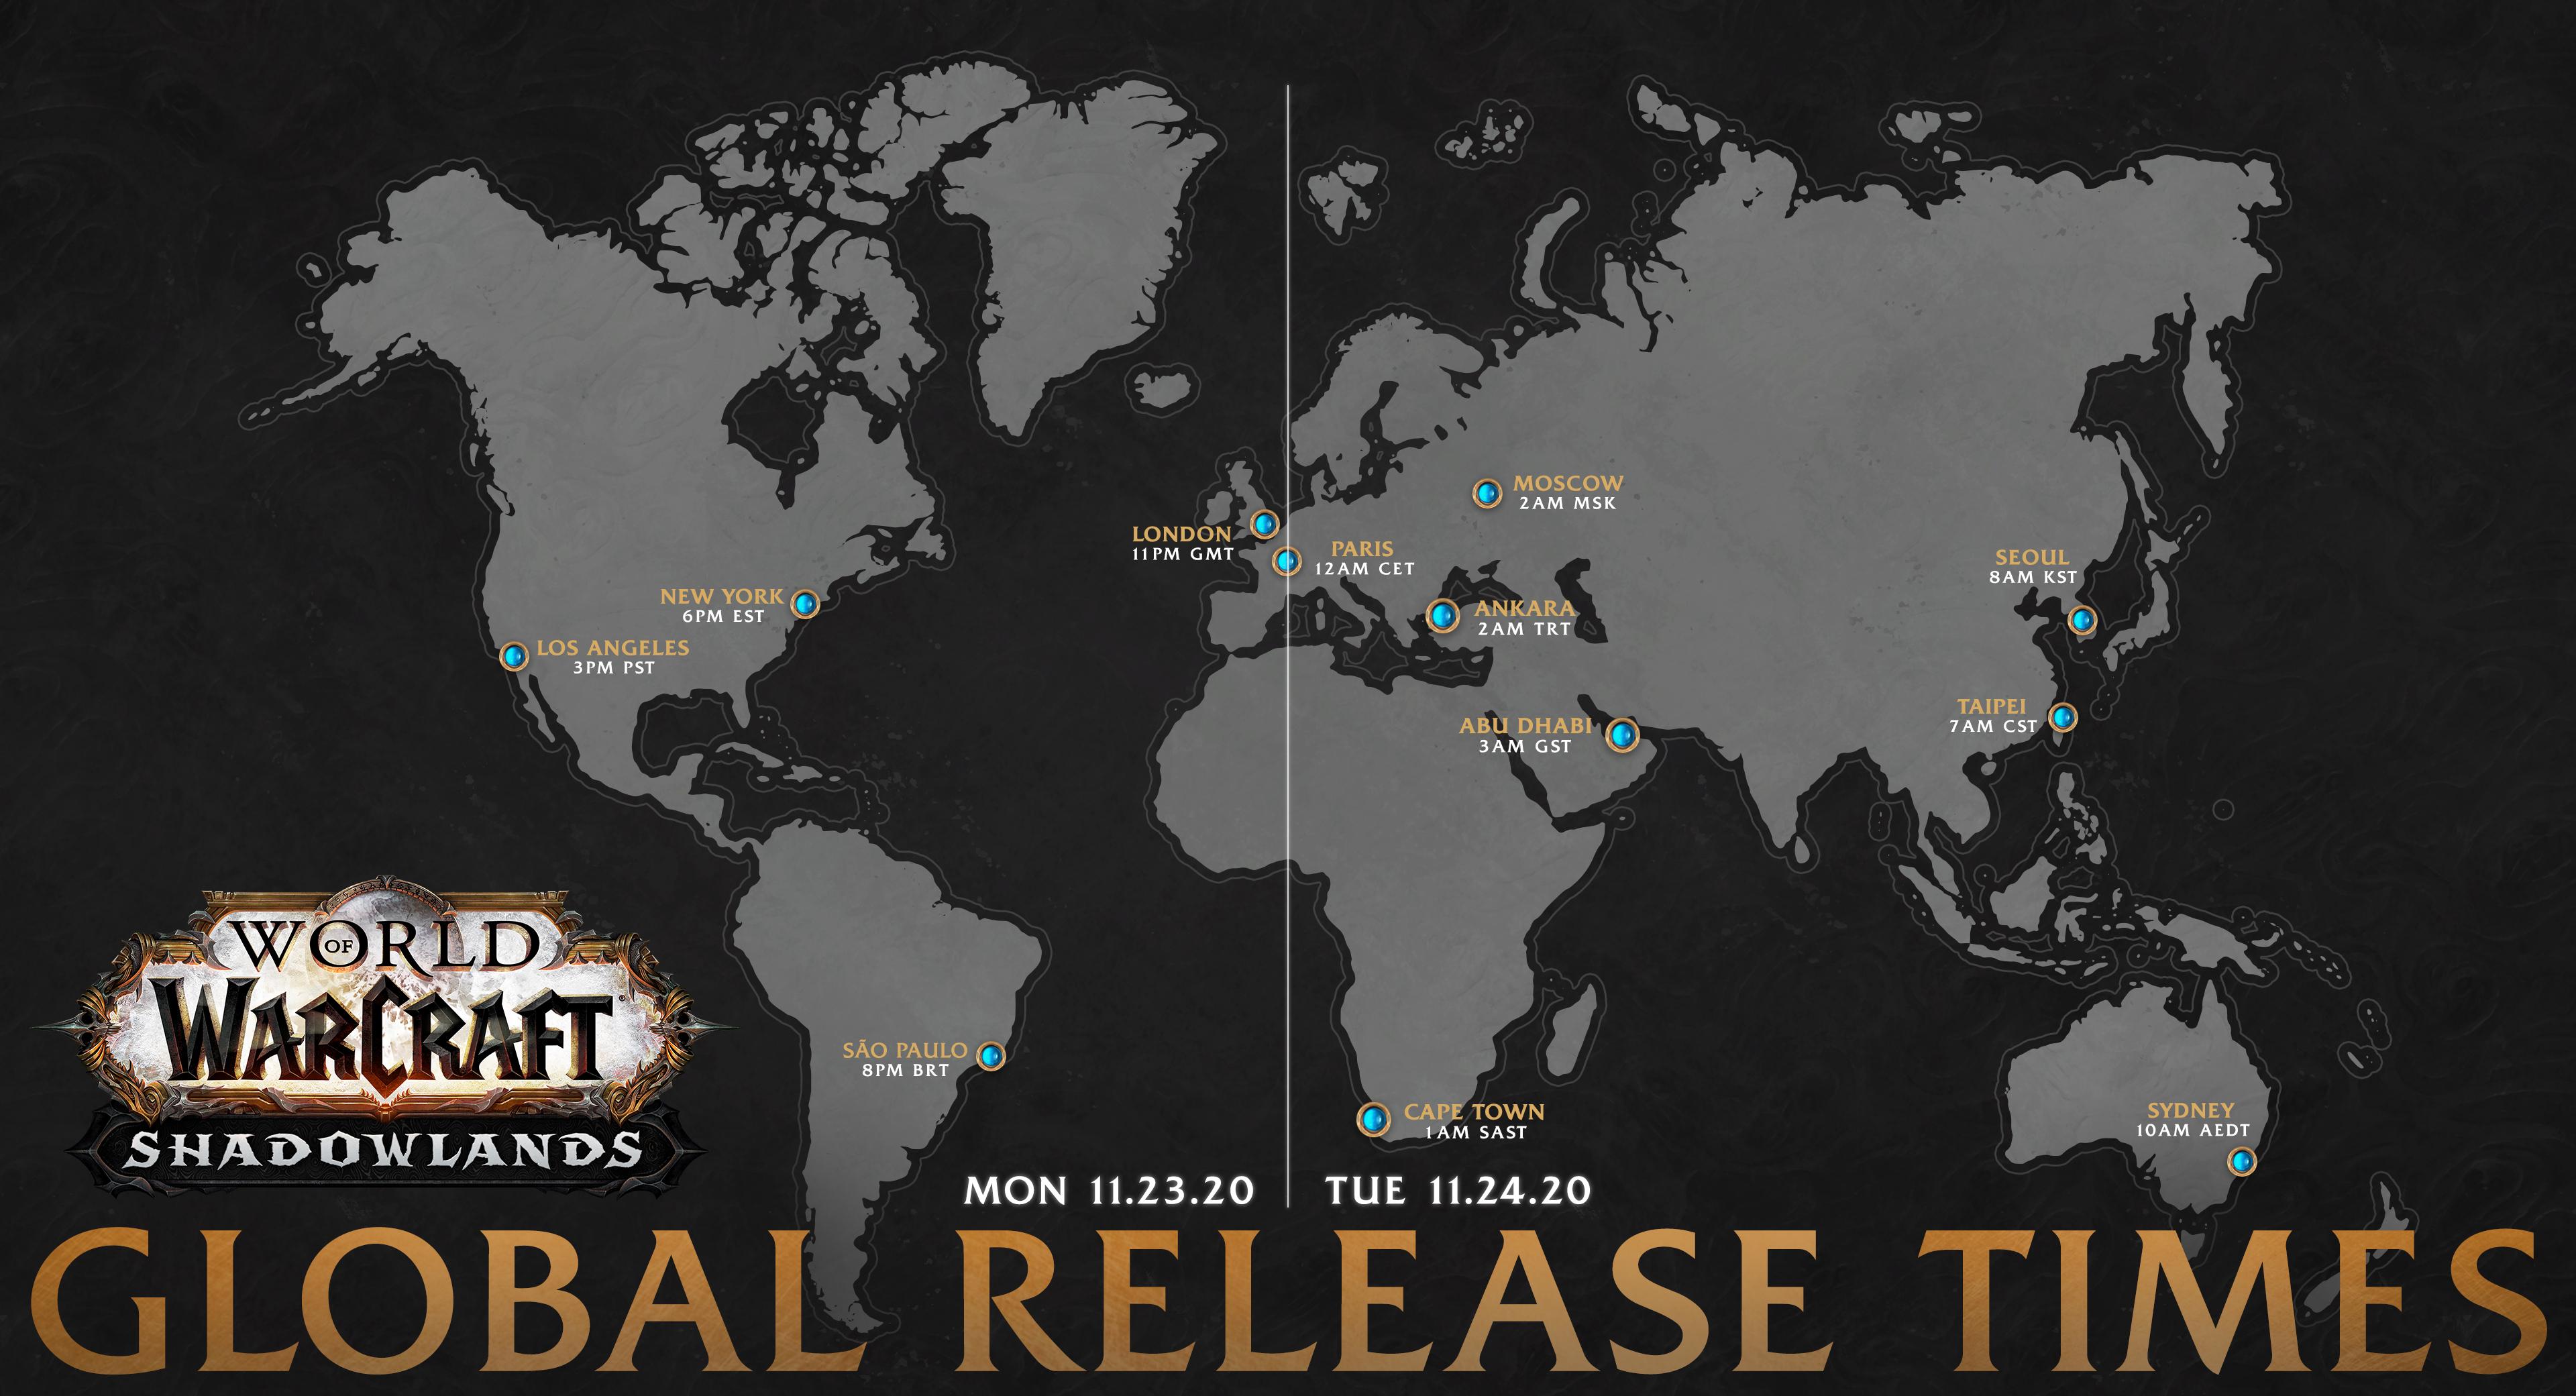 《魔獸世界®:暗影之境》將於 11 月 24 日推出